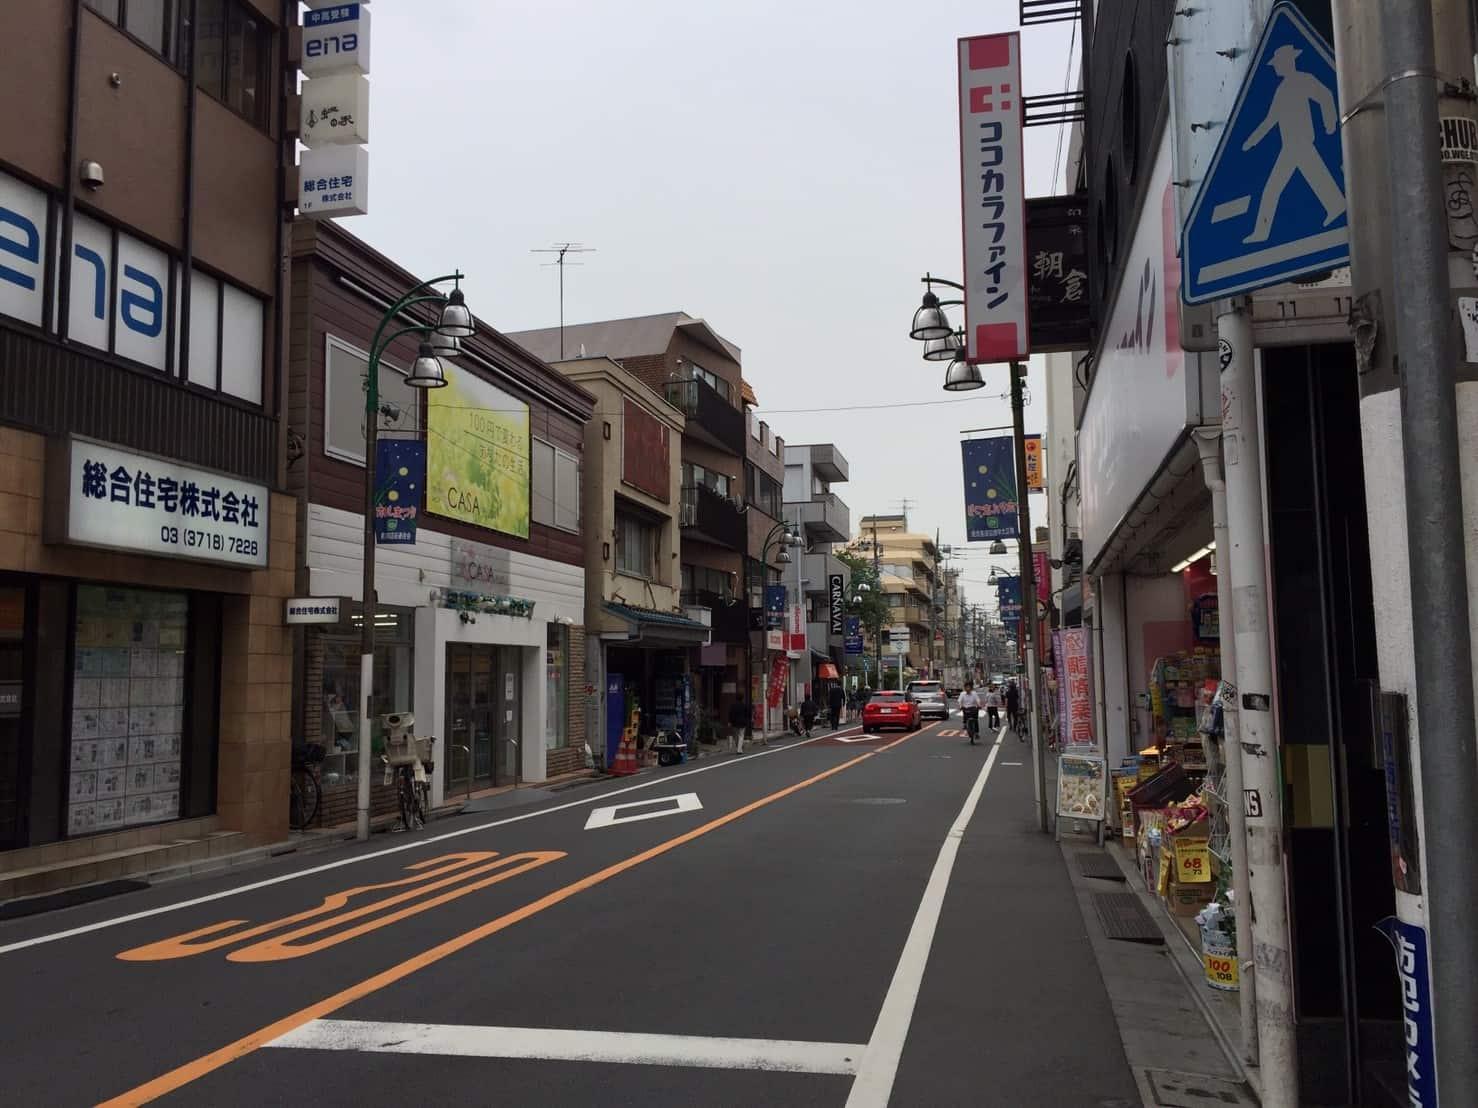 裏道の細い道路